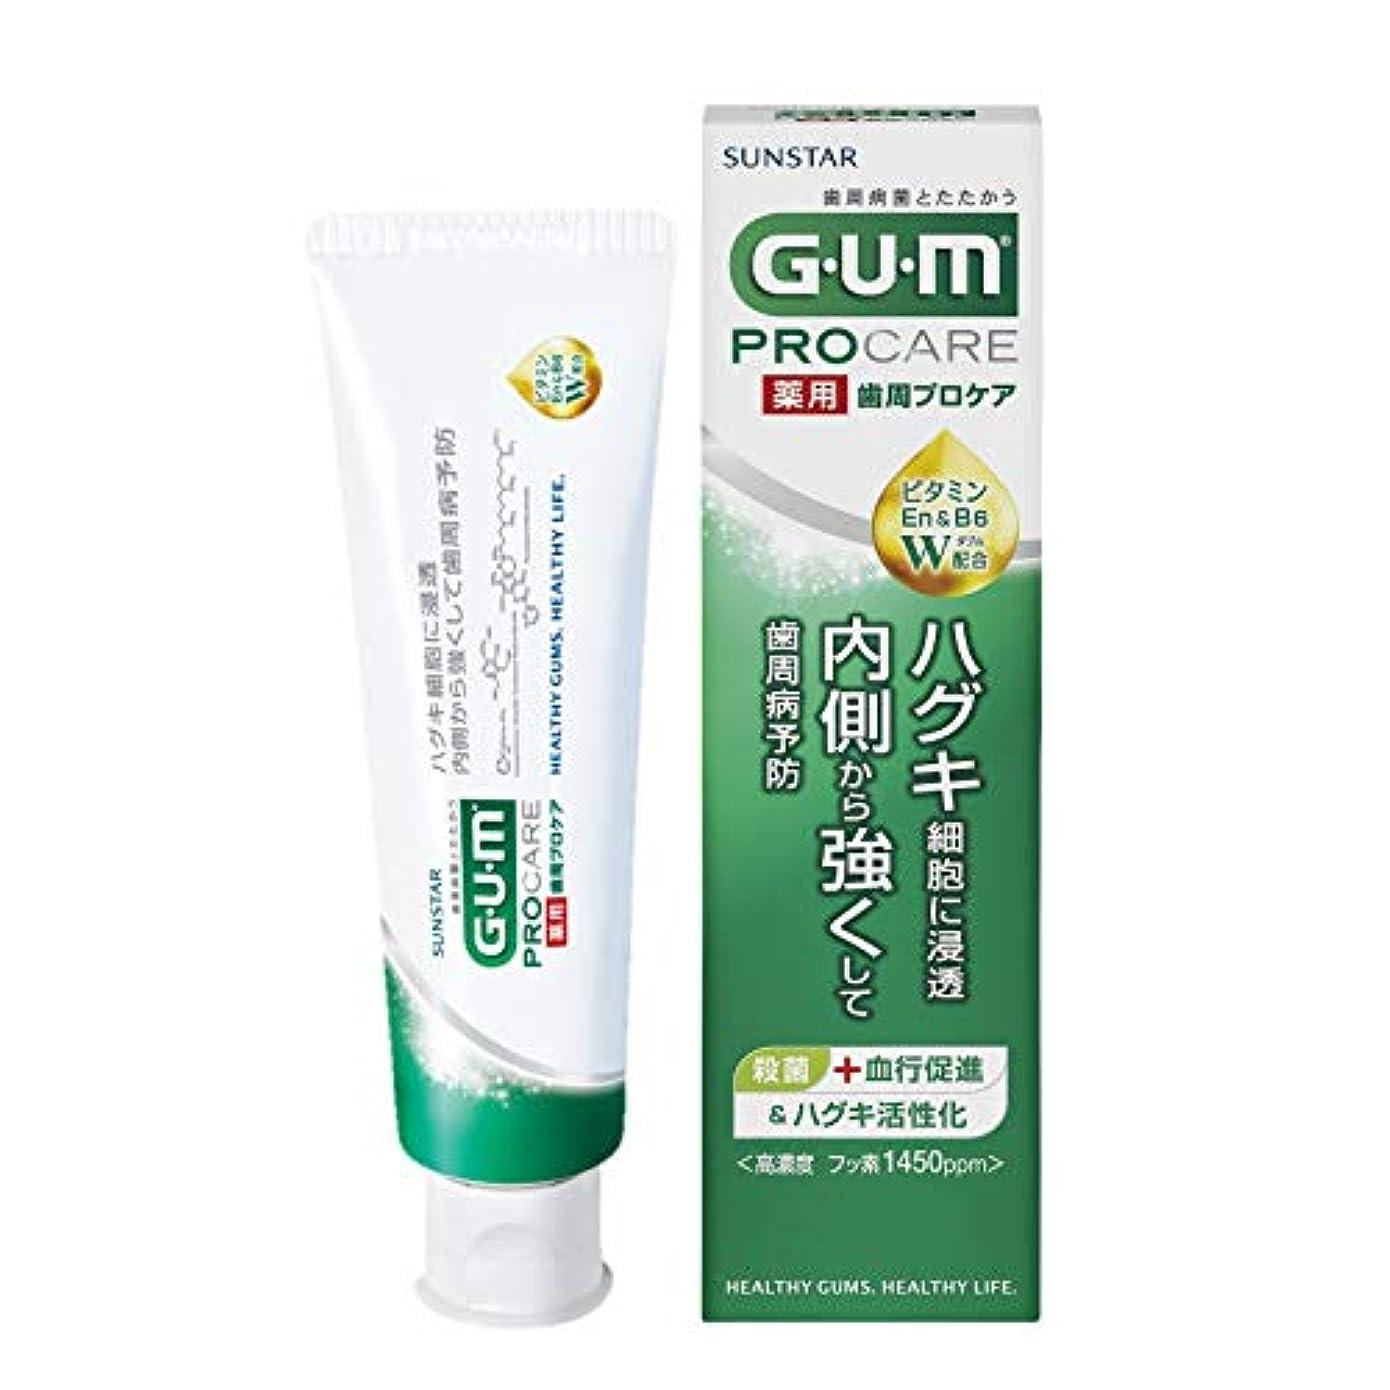 [医薬部外品] GUM(ガム) 歯周プロケア 歯みがき 90g <歯周病予防 ハグキケア 高濃度フッ素配合 1450ppm>